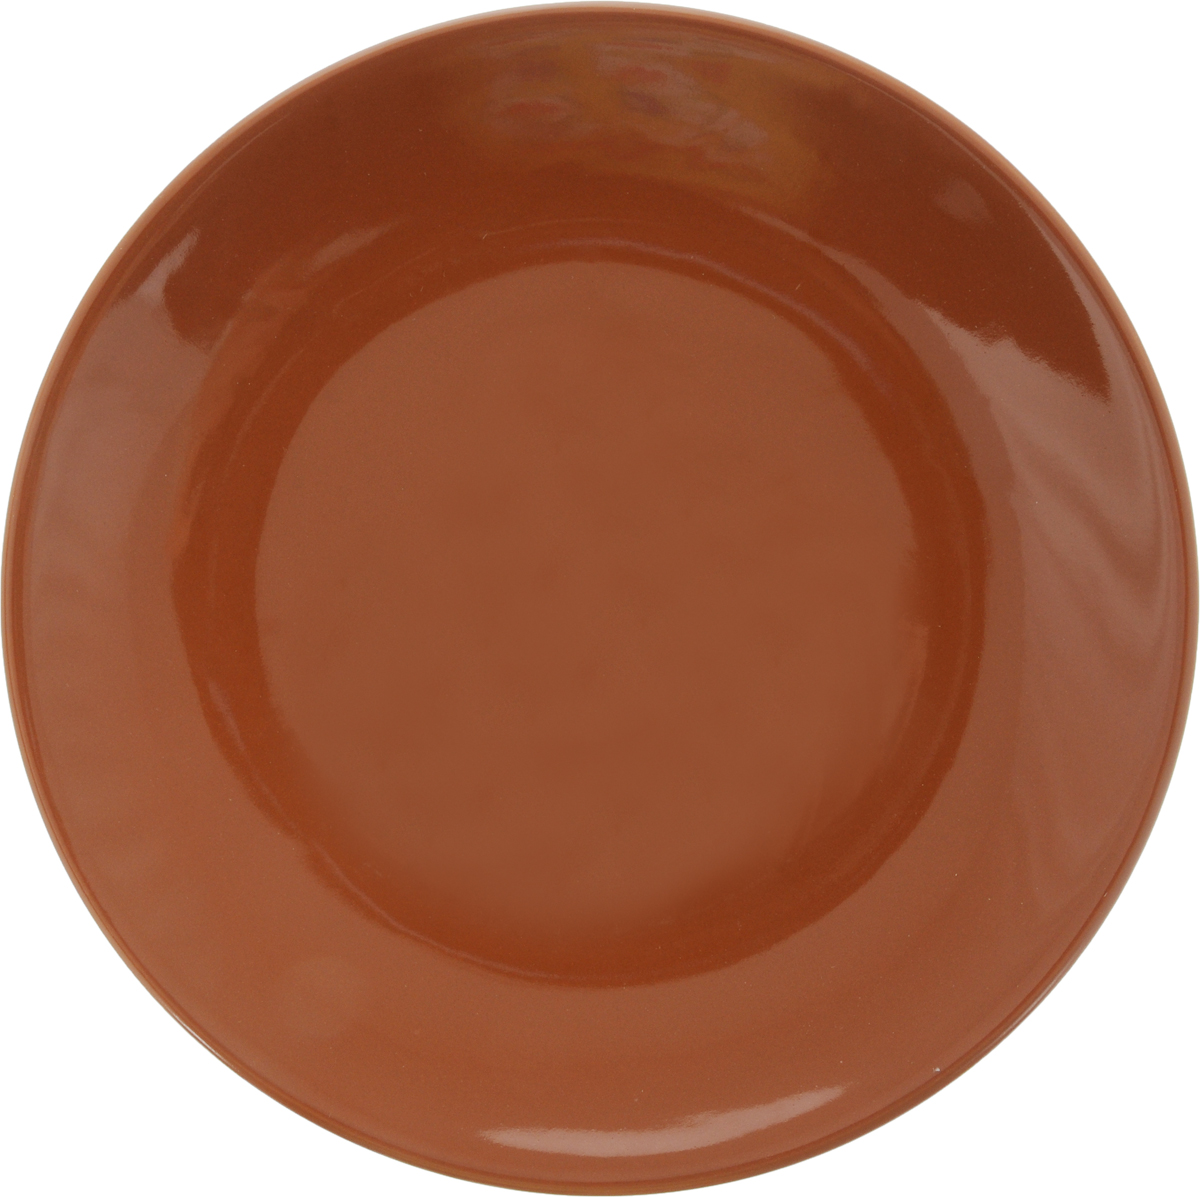 Тарелка десертная Ломоносовская керамика, диаметр 21 см1ТД-21ТТДесертная тарелка Ломоносовская керамика, изготовленная из высококачественной глины. Такая тарелка прекрасно подходит как для торжественных случаев, так и для повседневного использования. Она идеальна для подачи десертов, пирожных, тортов и многого другого. Она прекрасно оформит стол и станет отличным дополнением к вашей коллекции кухонной посуды. Диаметр тарелки (по верхнему краю): 21 см. Высота тарелки: 2,5 см.